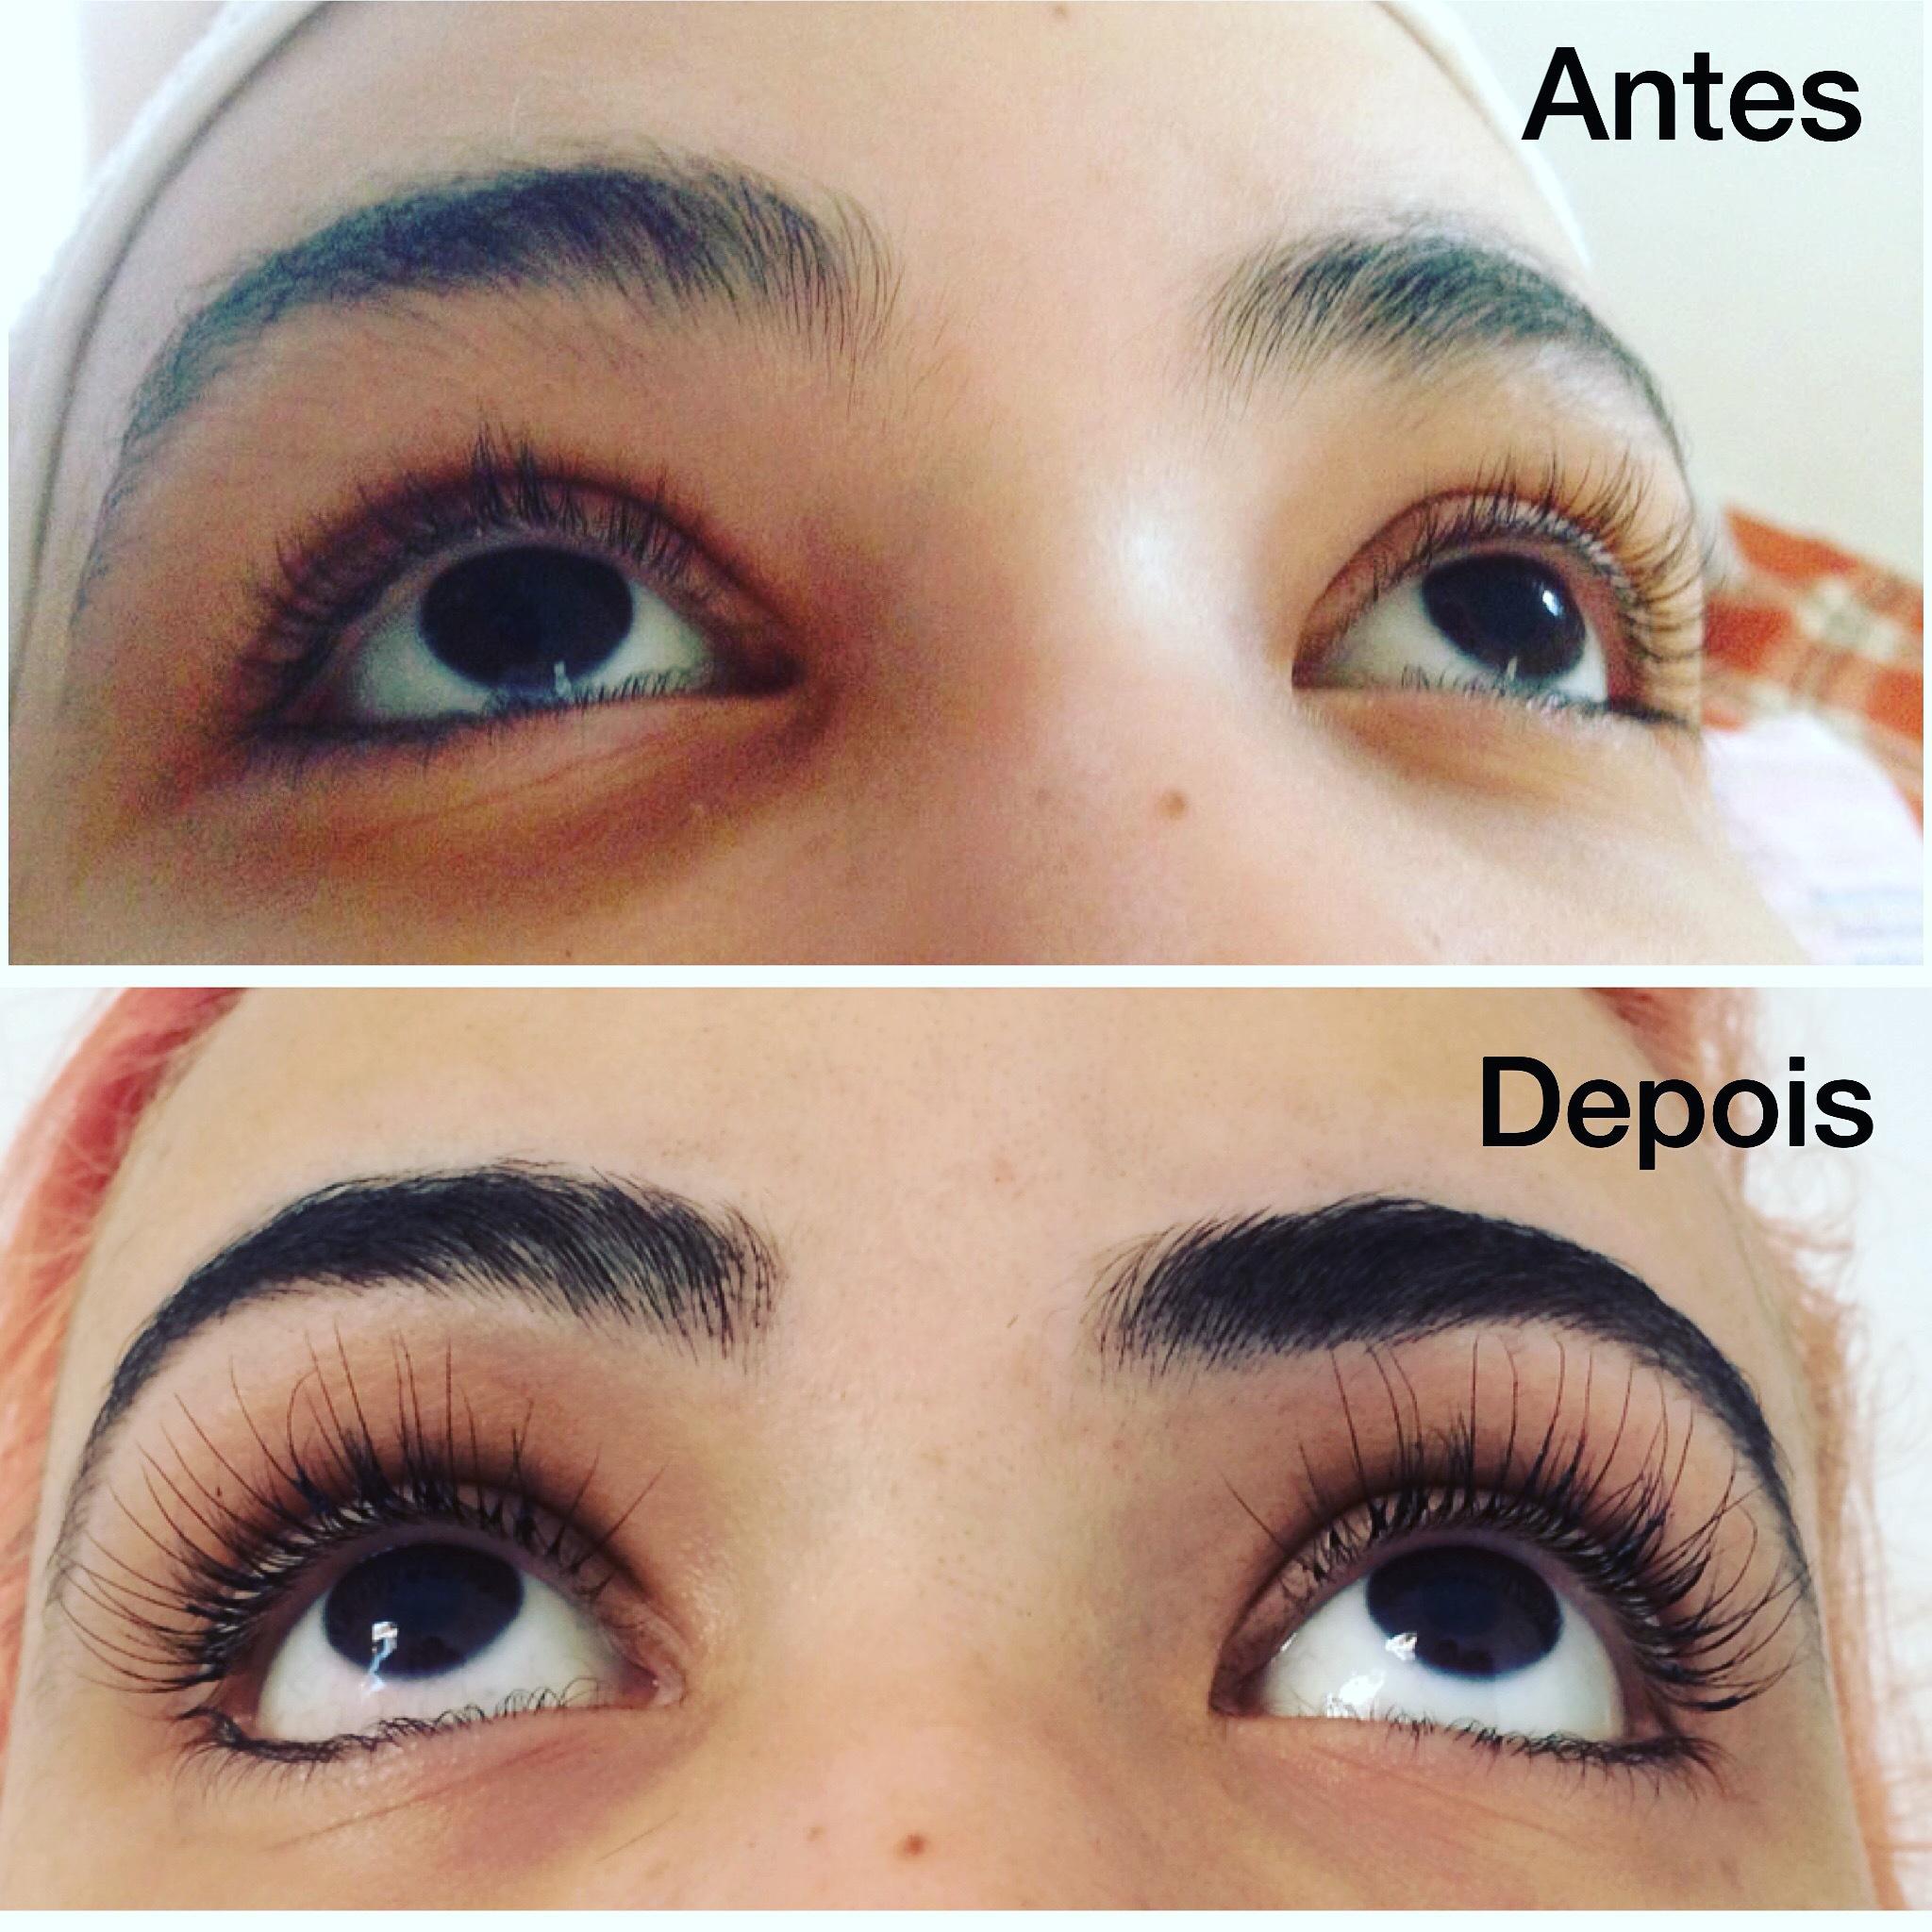 Antes e Depois  #designdesobrancelhas #alongamentodeciliosfioafio  outros depilador(a) designer de sobrancelhas